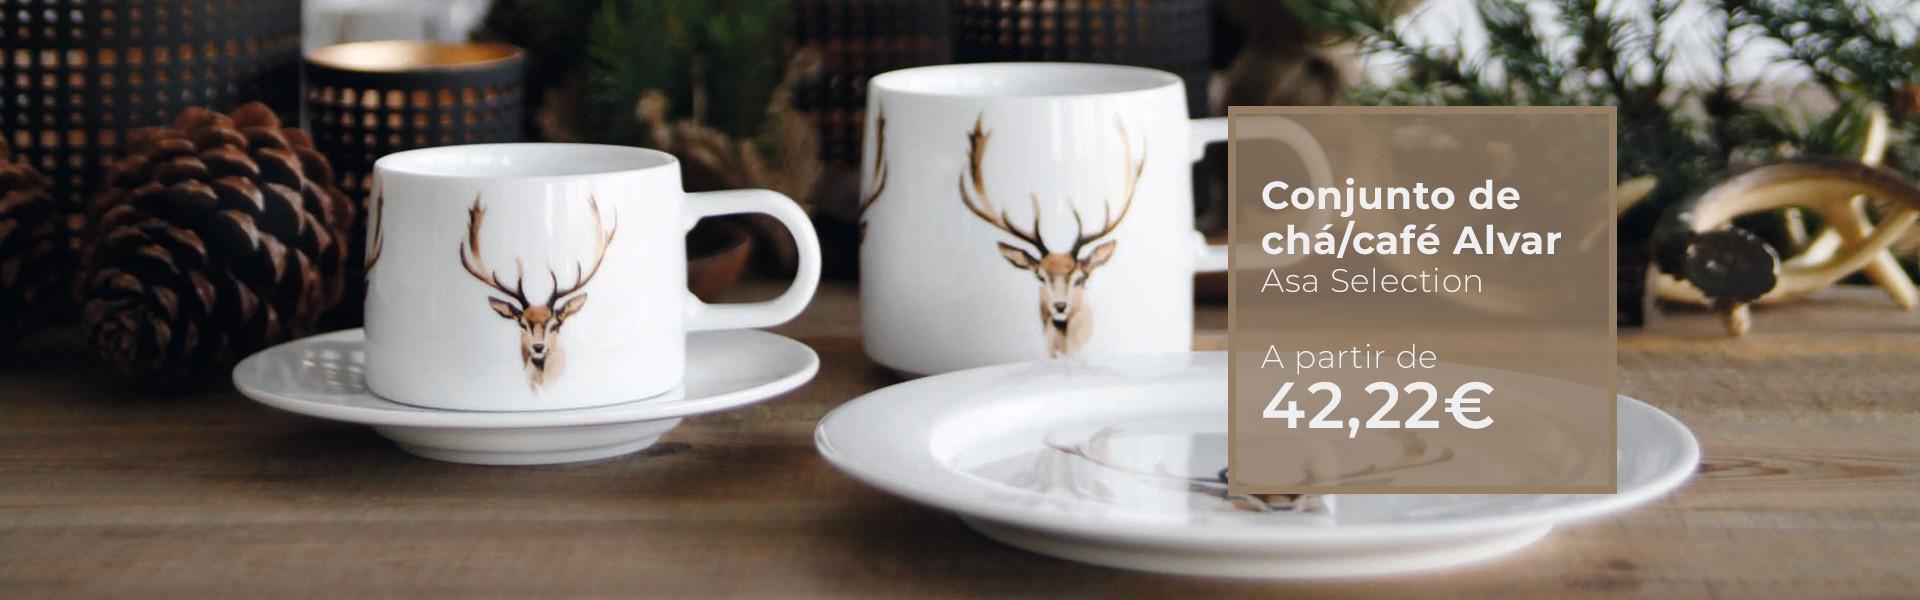 Coleção de chá e café Alvar